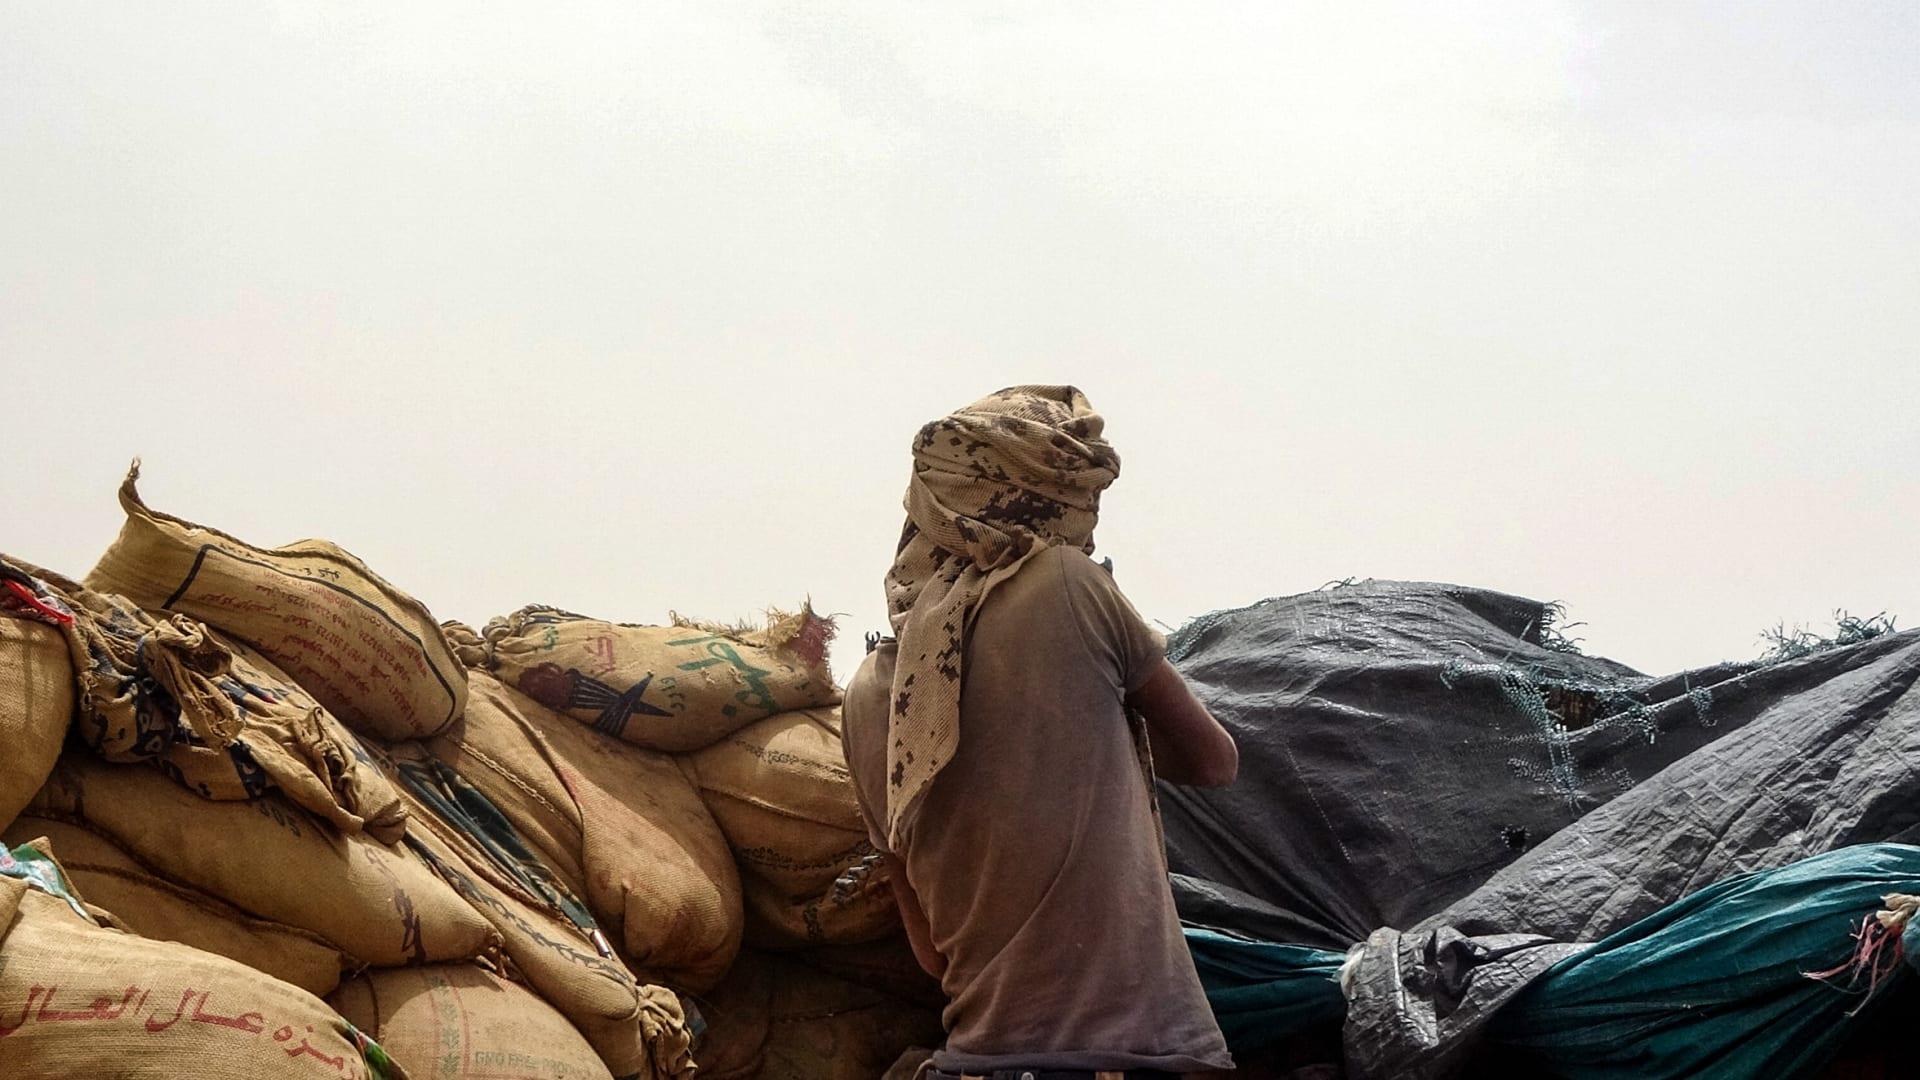 مقاتلون موالون للحكومة اليمنية يحتلون موقعا بالقرب من خط المواجهة مع المتمردين الحوثيين في محافظة مأر ، في 13 مايو 2021